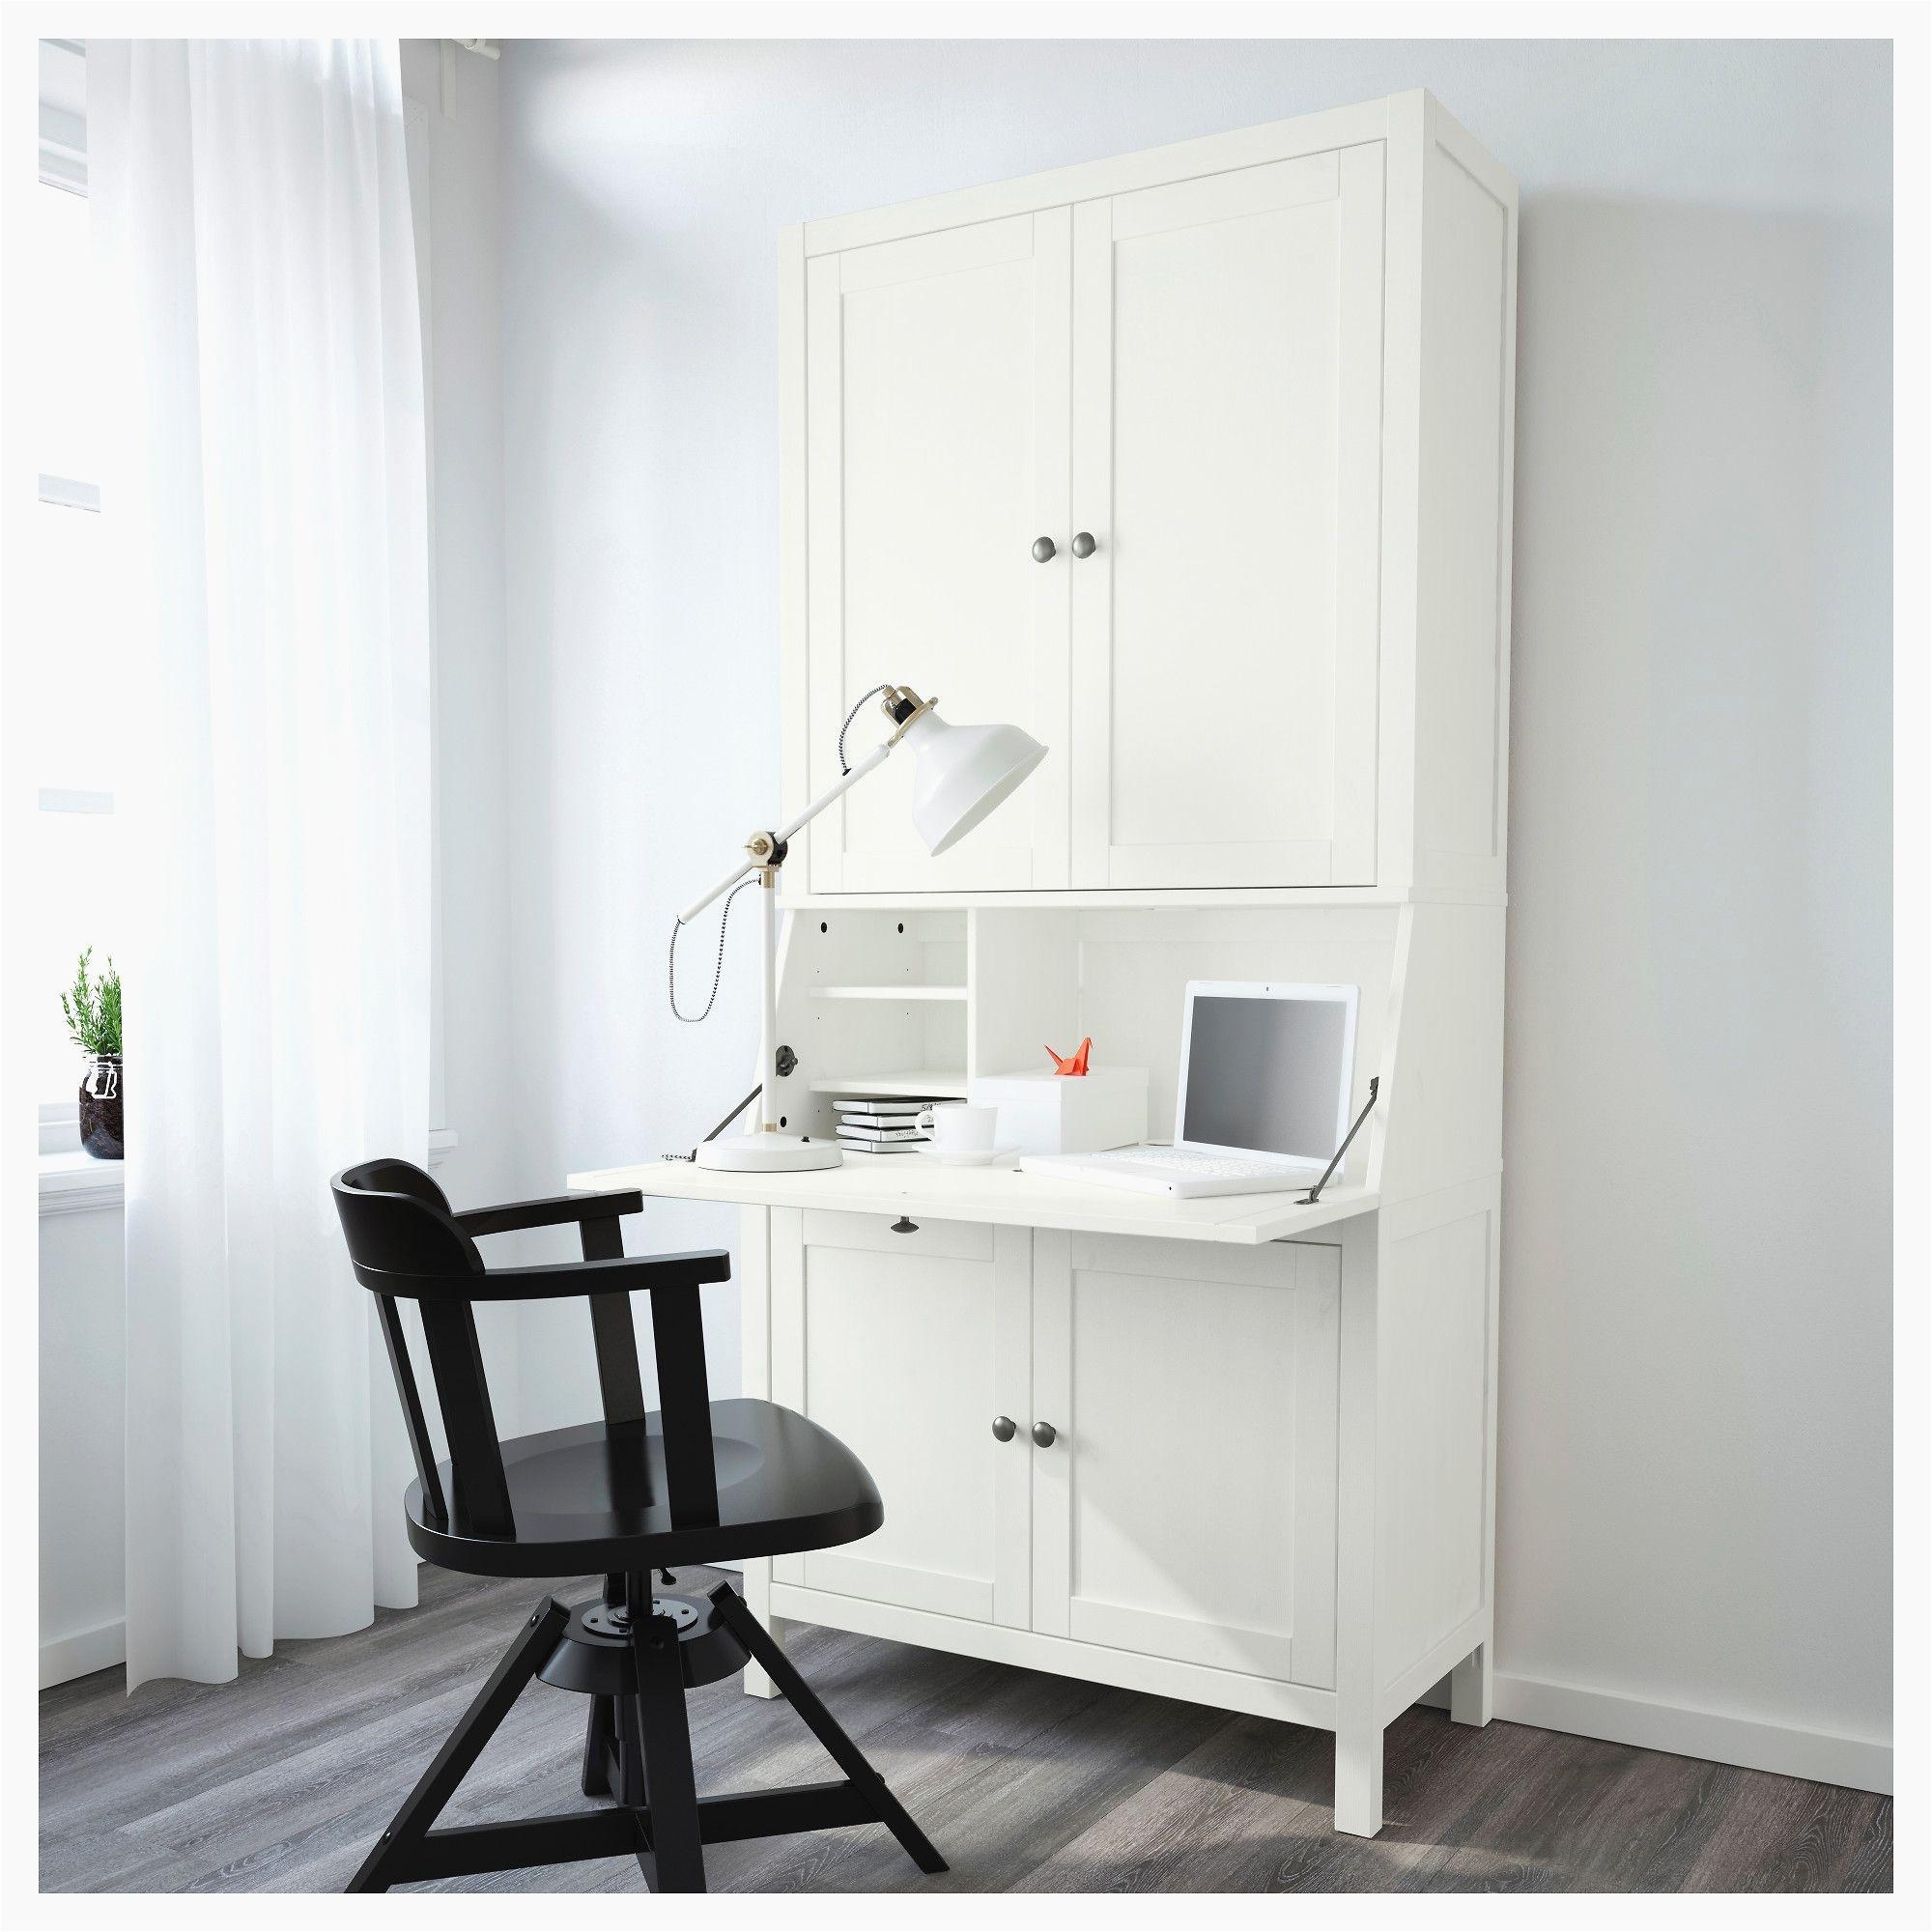 closet desk ikea new schrank ideen einfach ikea galant schrank standing desk ikea